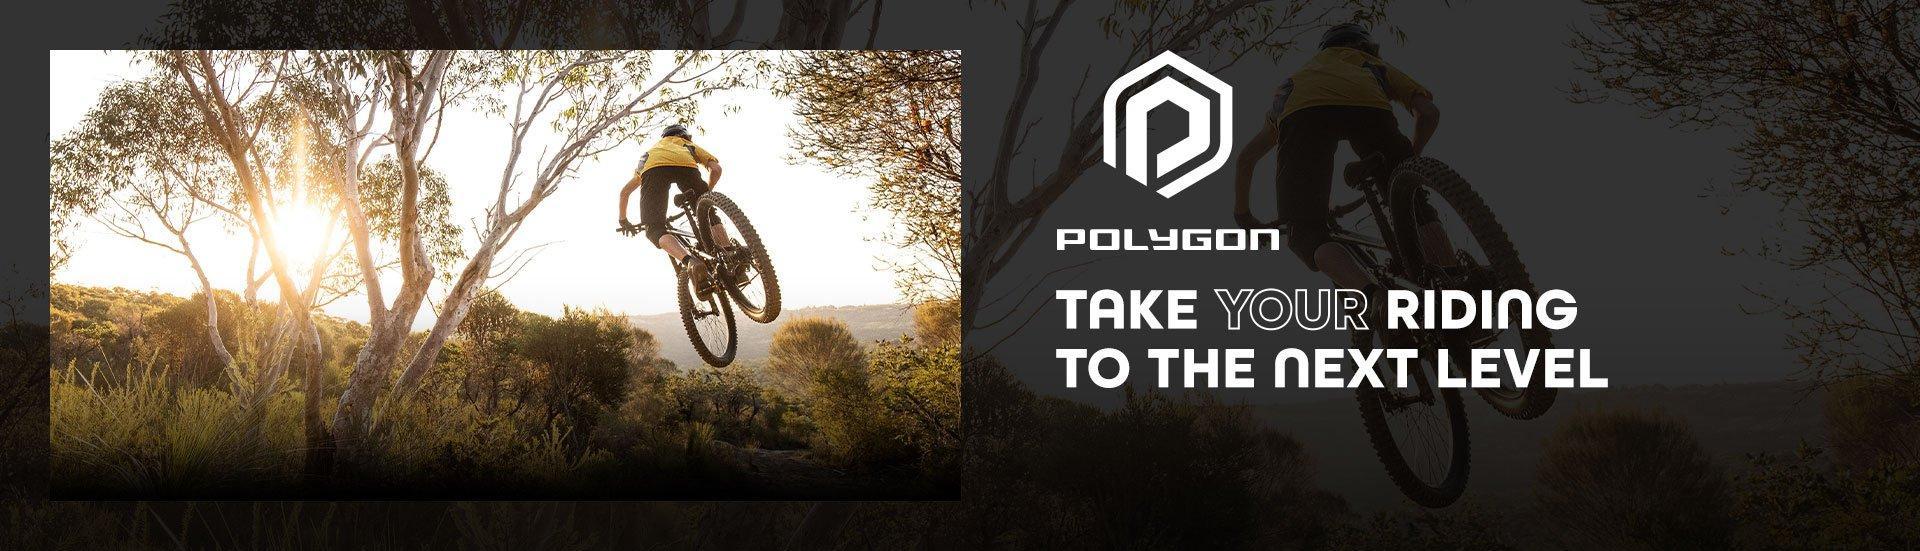 Shop Polygon Bikes